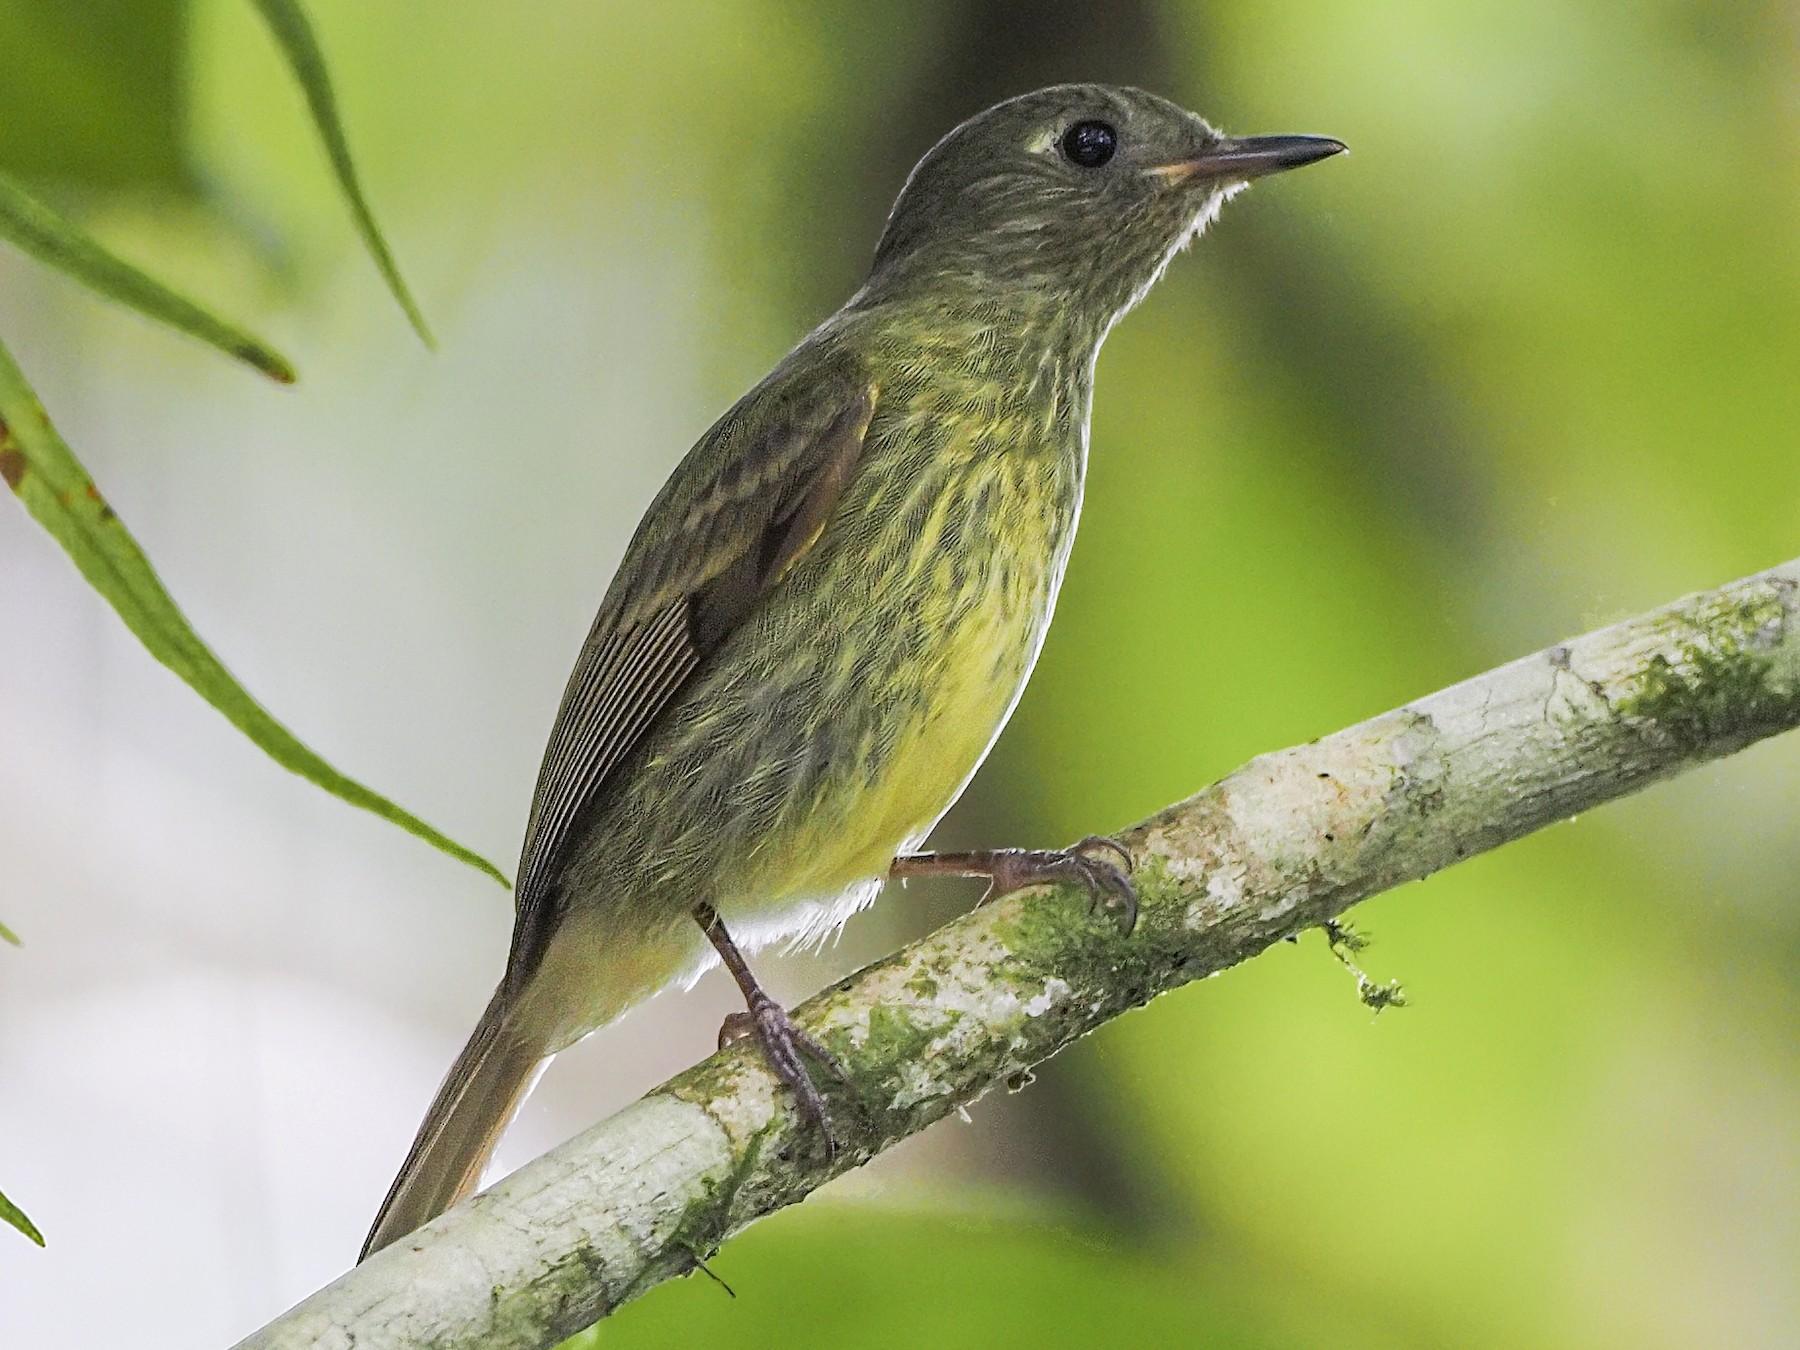 Olive-striped Flycatcher - Manolo Arribas